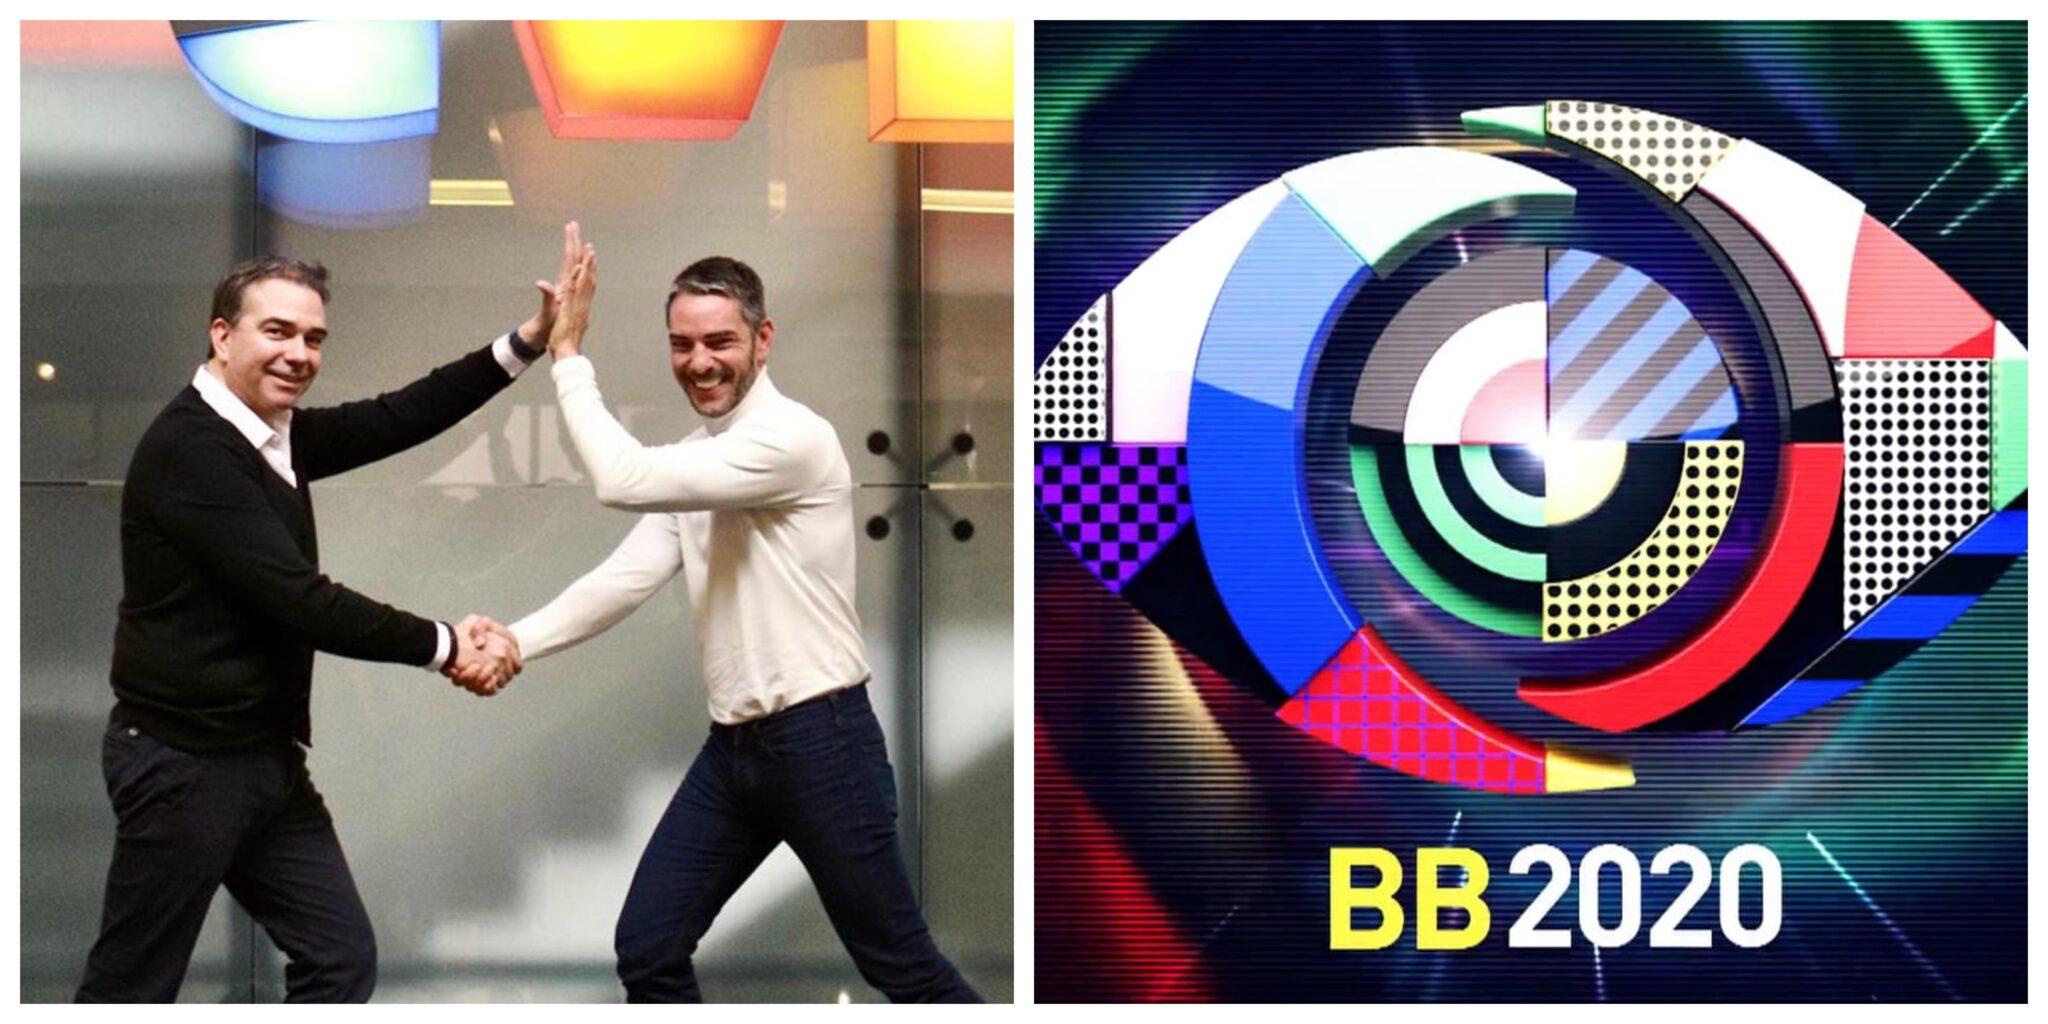 Nuno Santos Claudio Ramos Big Brother Scaled Nuno Santos Contente Com Audiências Do Canal Do 'Big Brother'